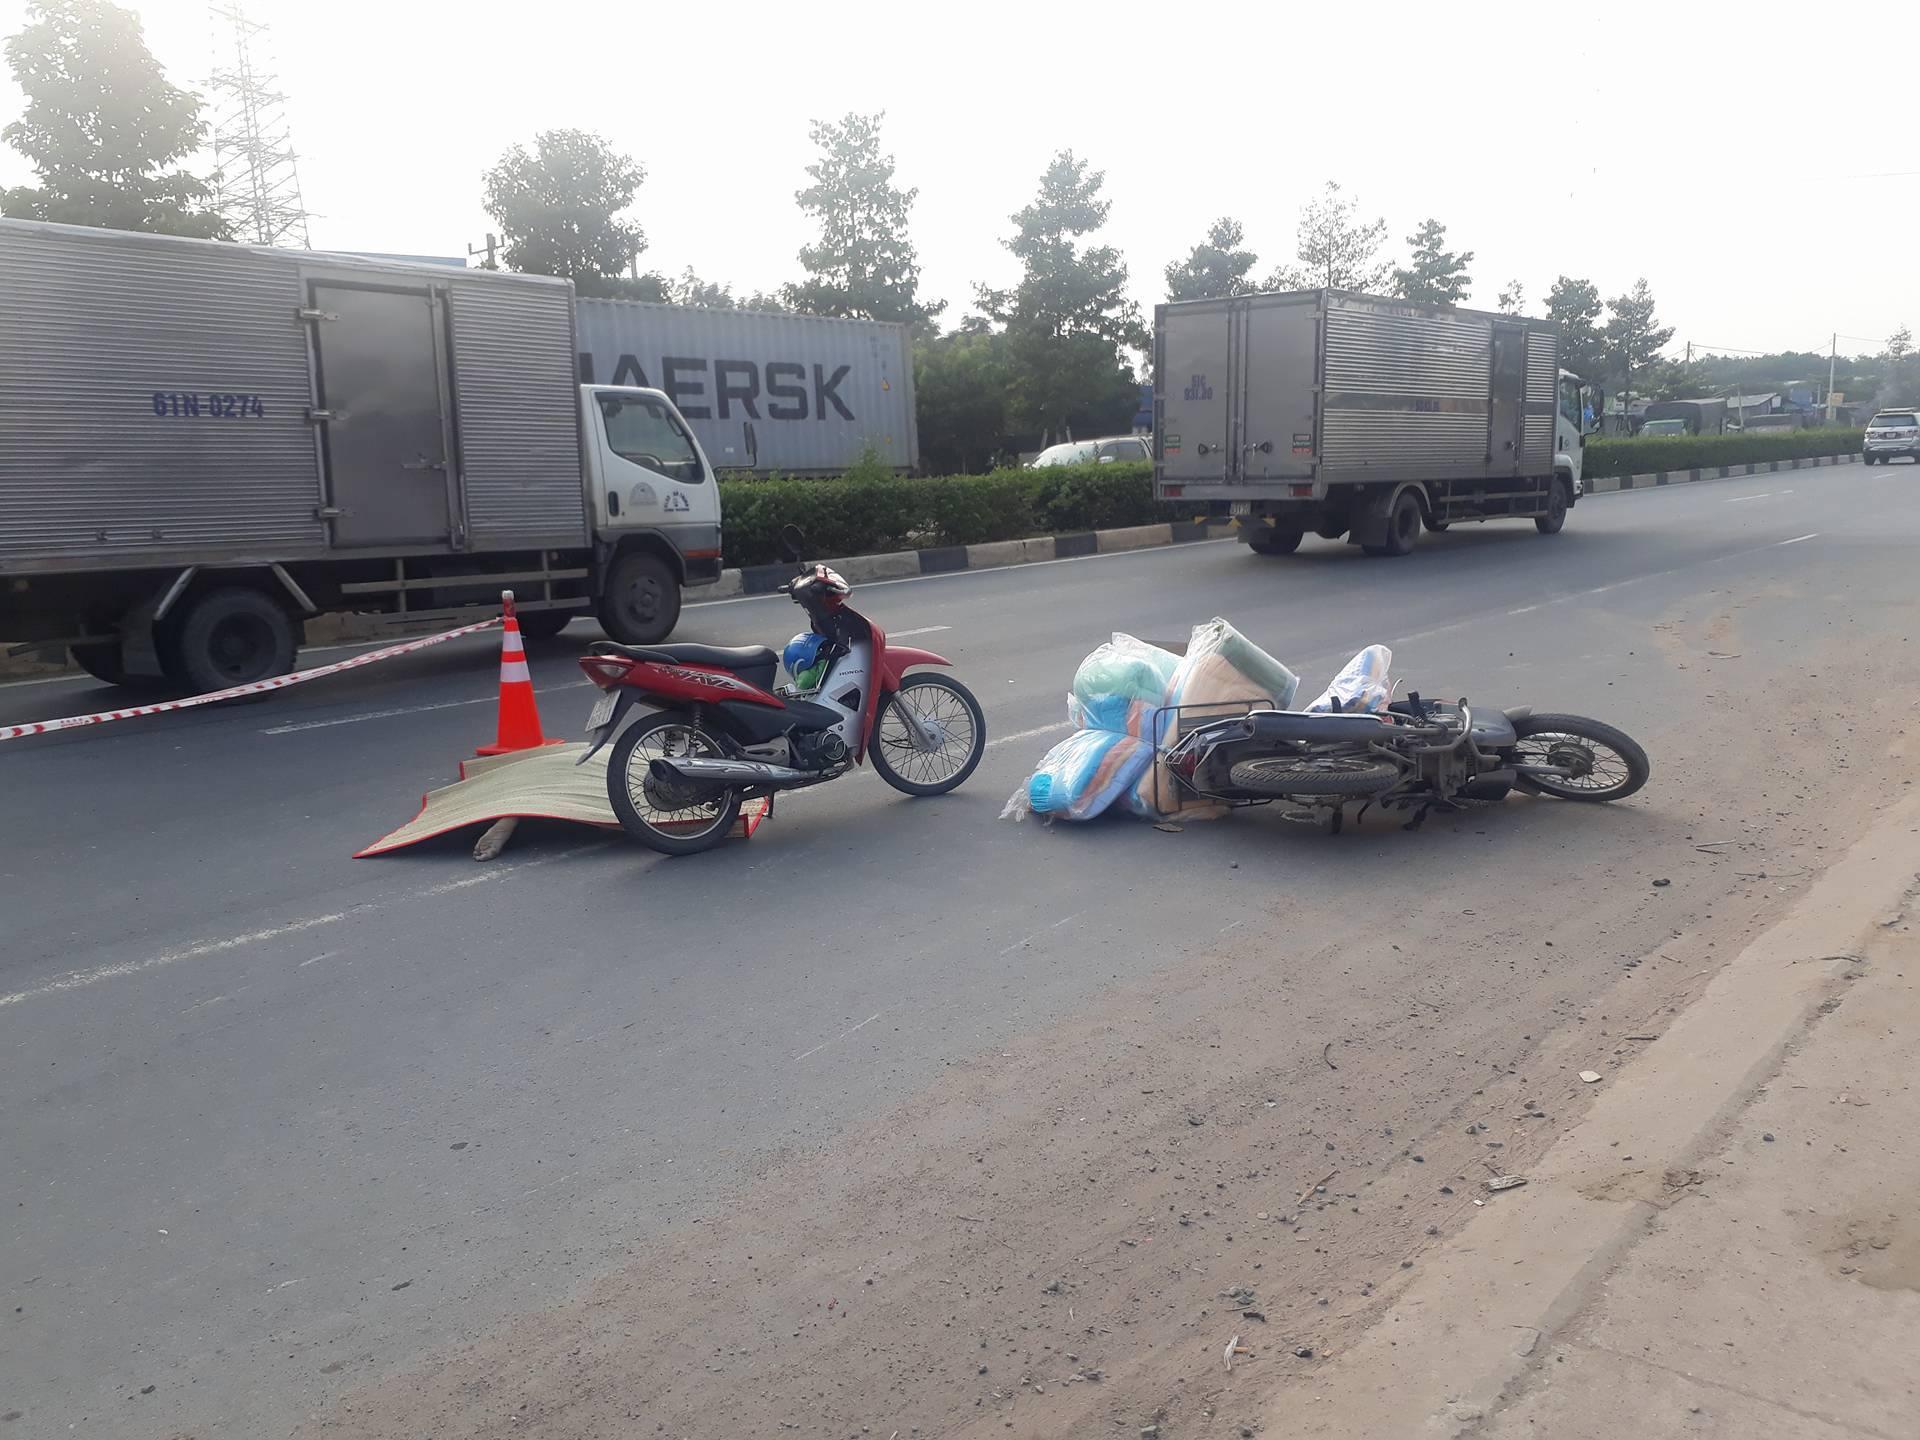 2 xe máy kéo lê nhau, thanh niên không đội mũ bảo hiểm tử vong tại chỗ